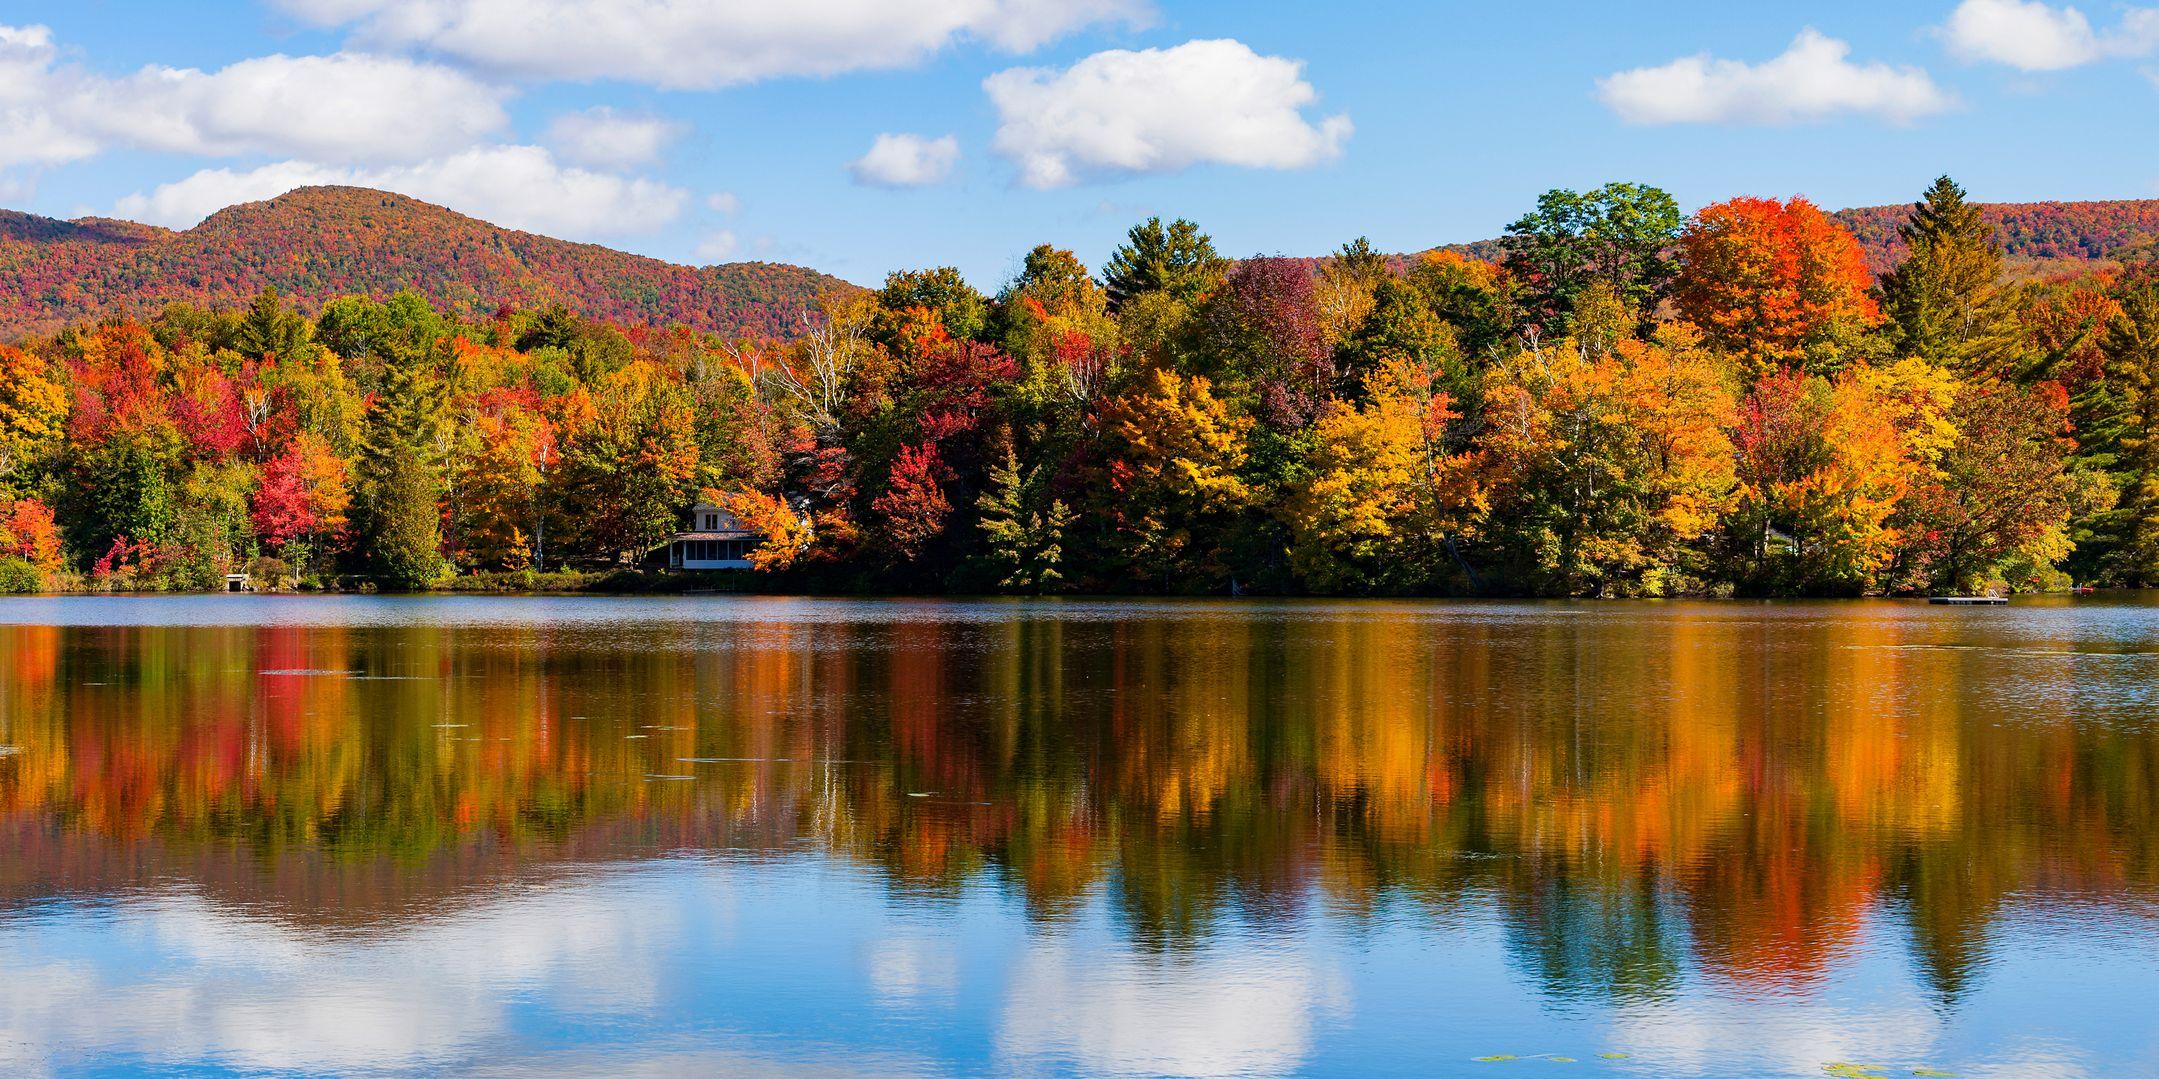 Αποτέλεσμα εικόνας για autumn